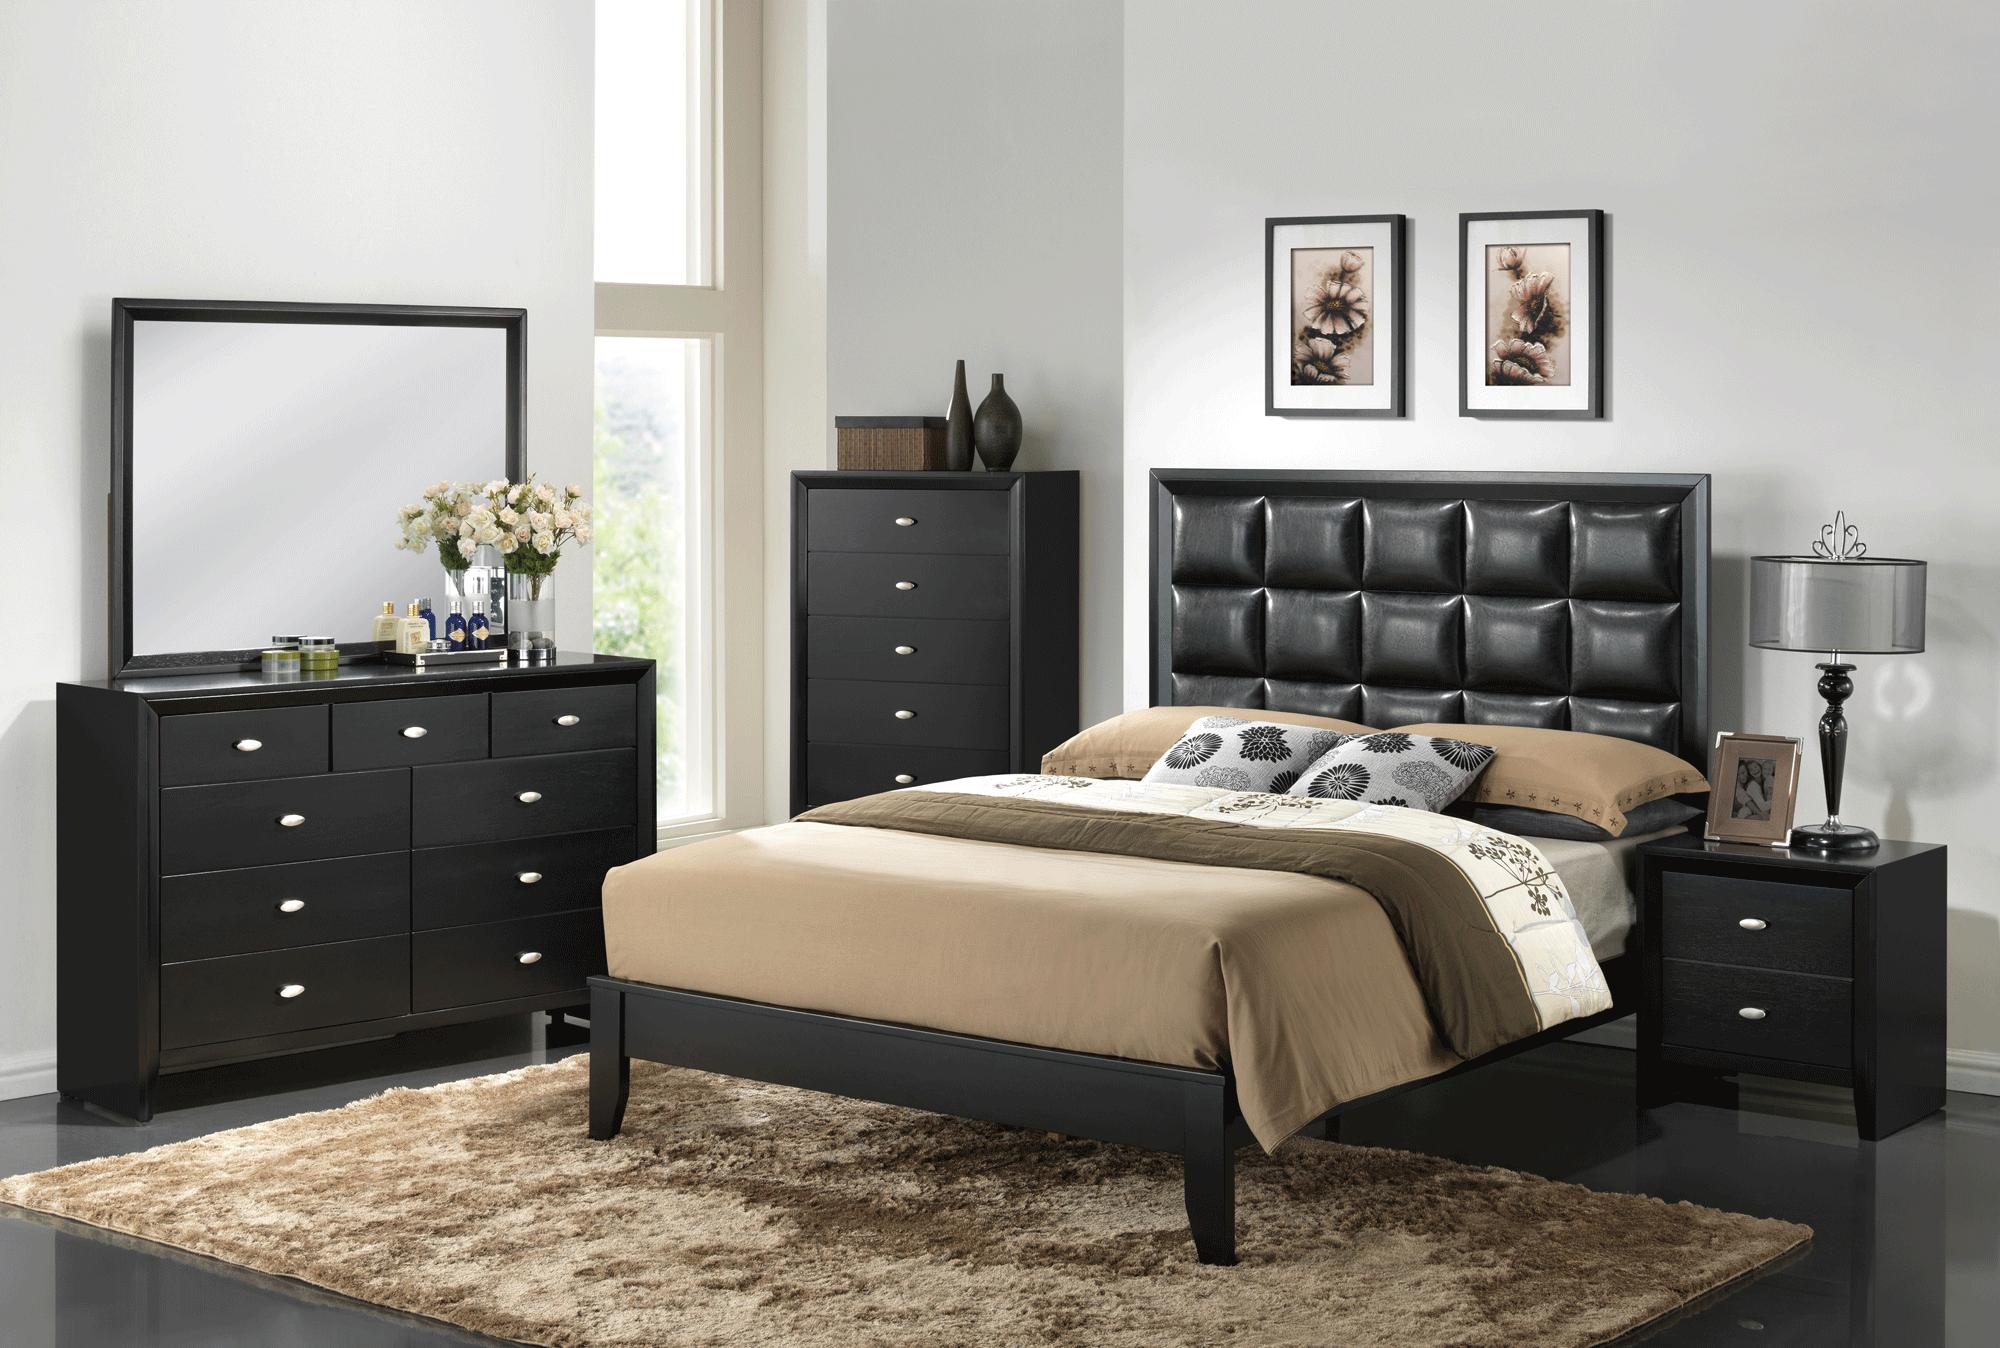 Carolina Black Bedroom Set by Global Furniture